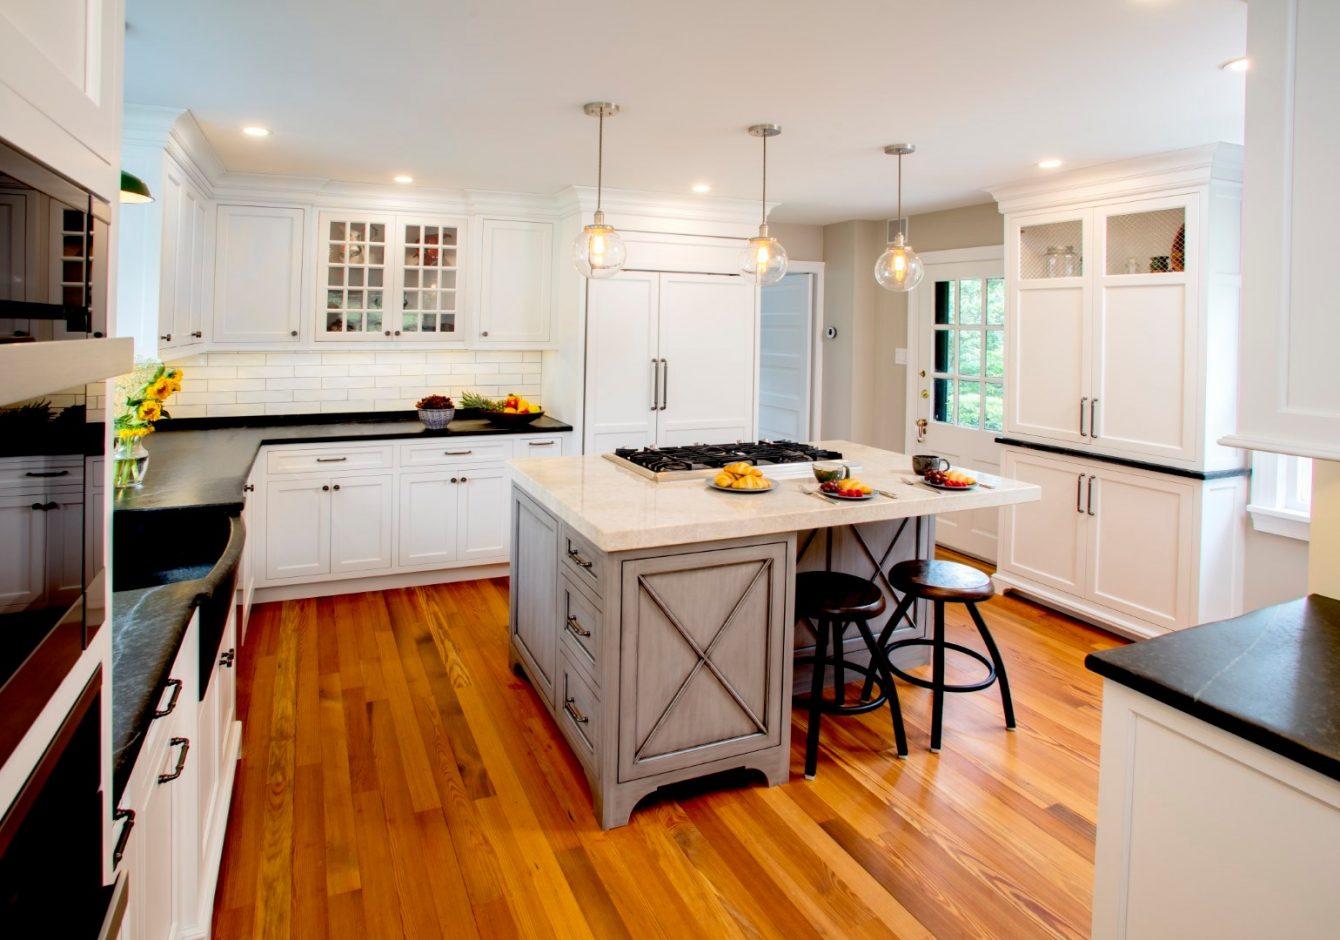 """""""Aged Soapstone Charm""""- Doylestown Farmhouse Kitchen Renovation"""